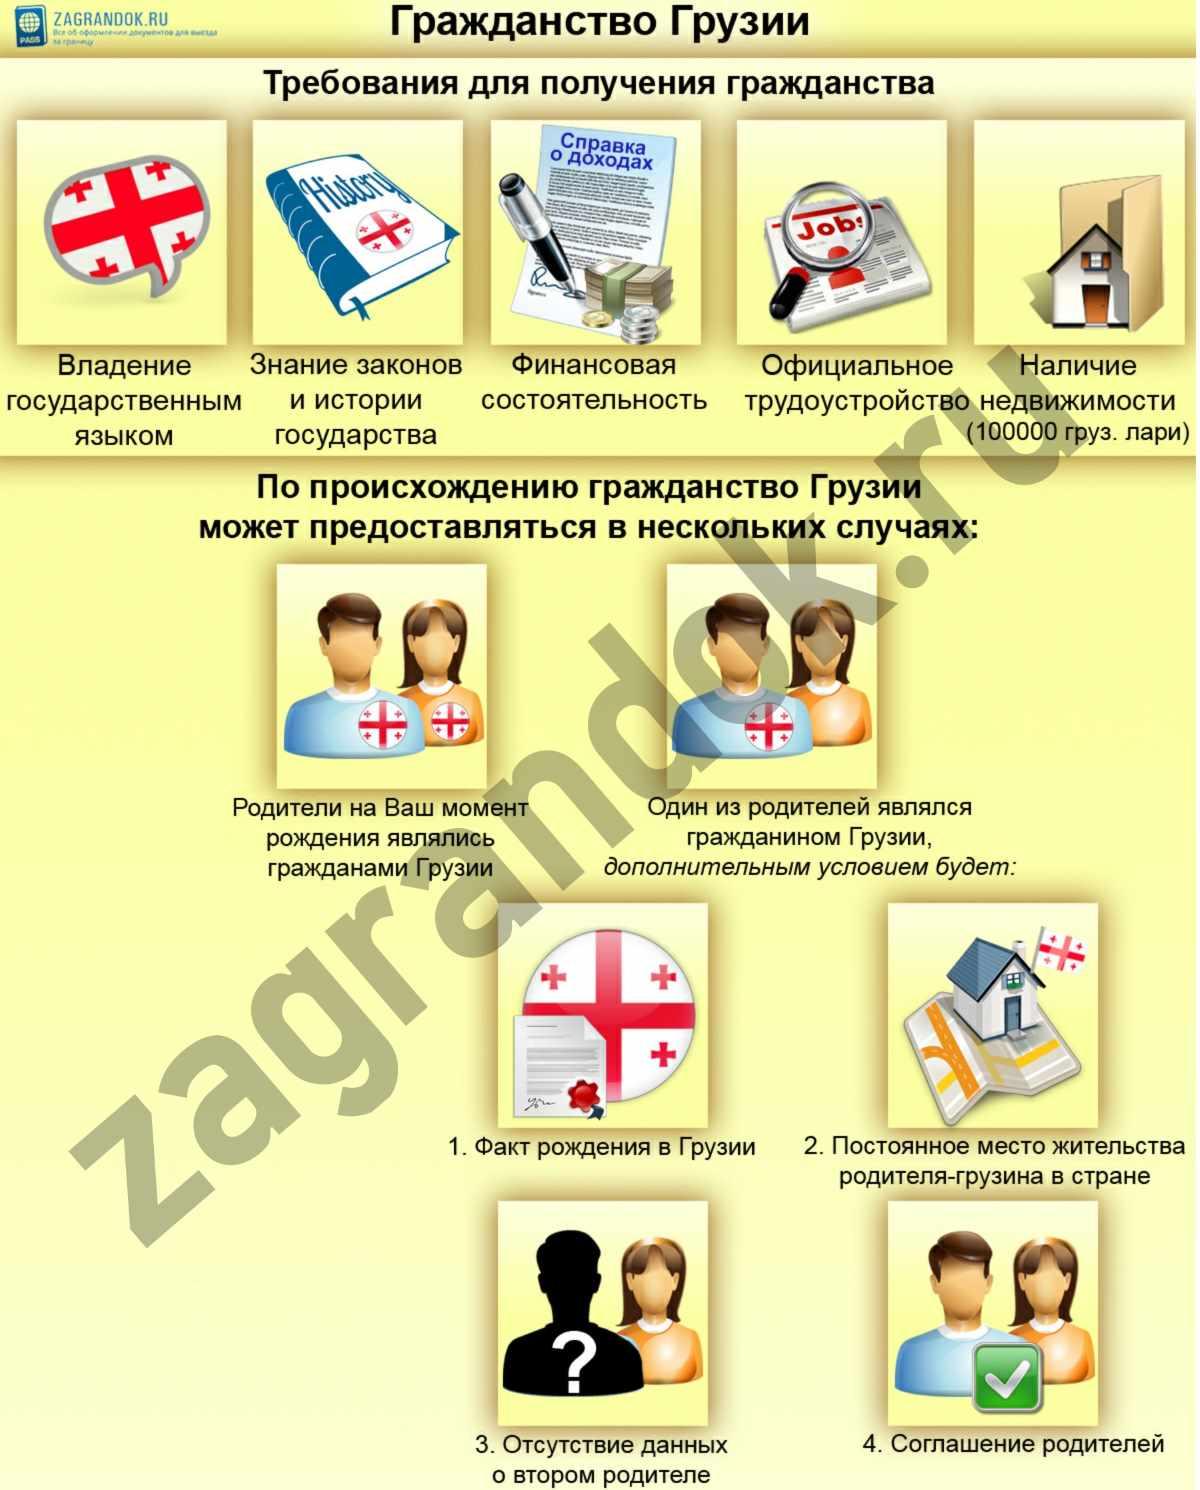 Гражданство Грузии